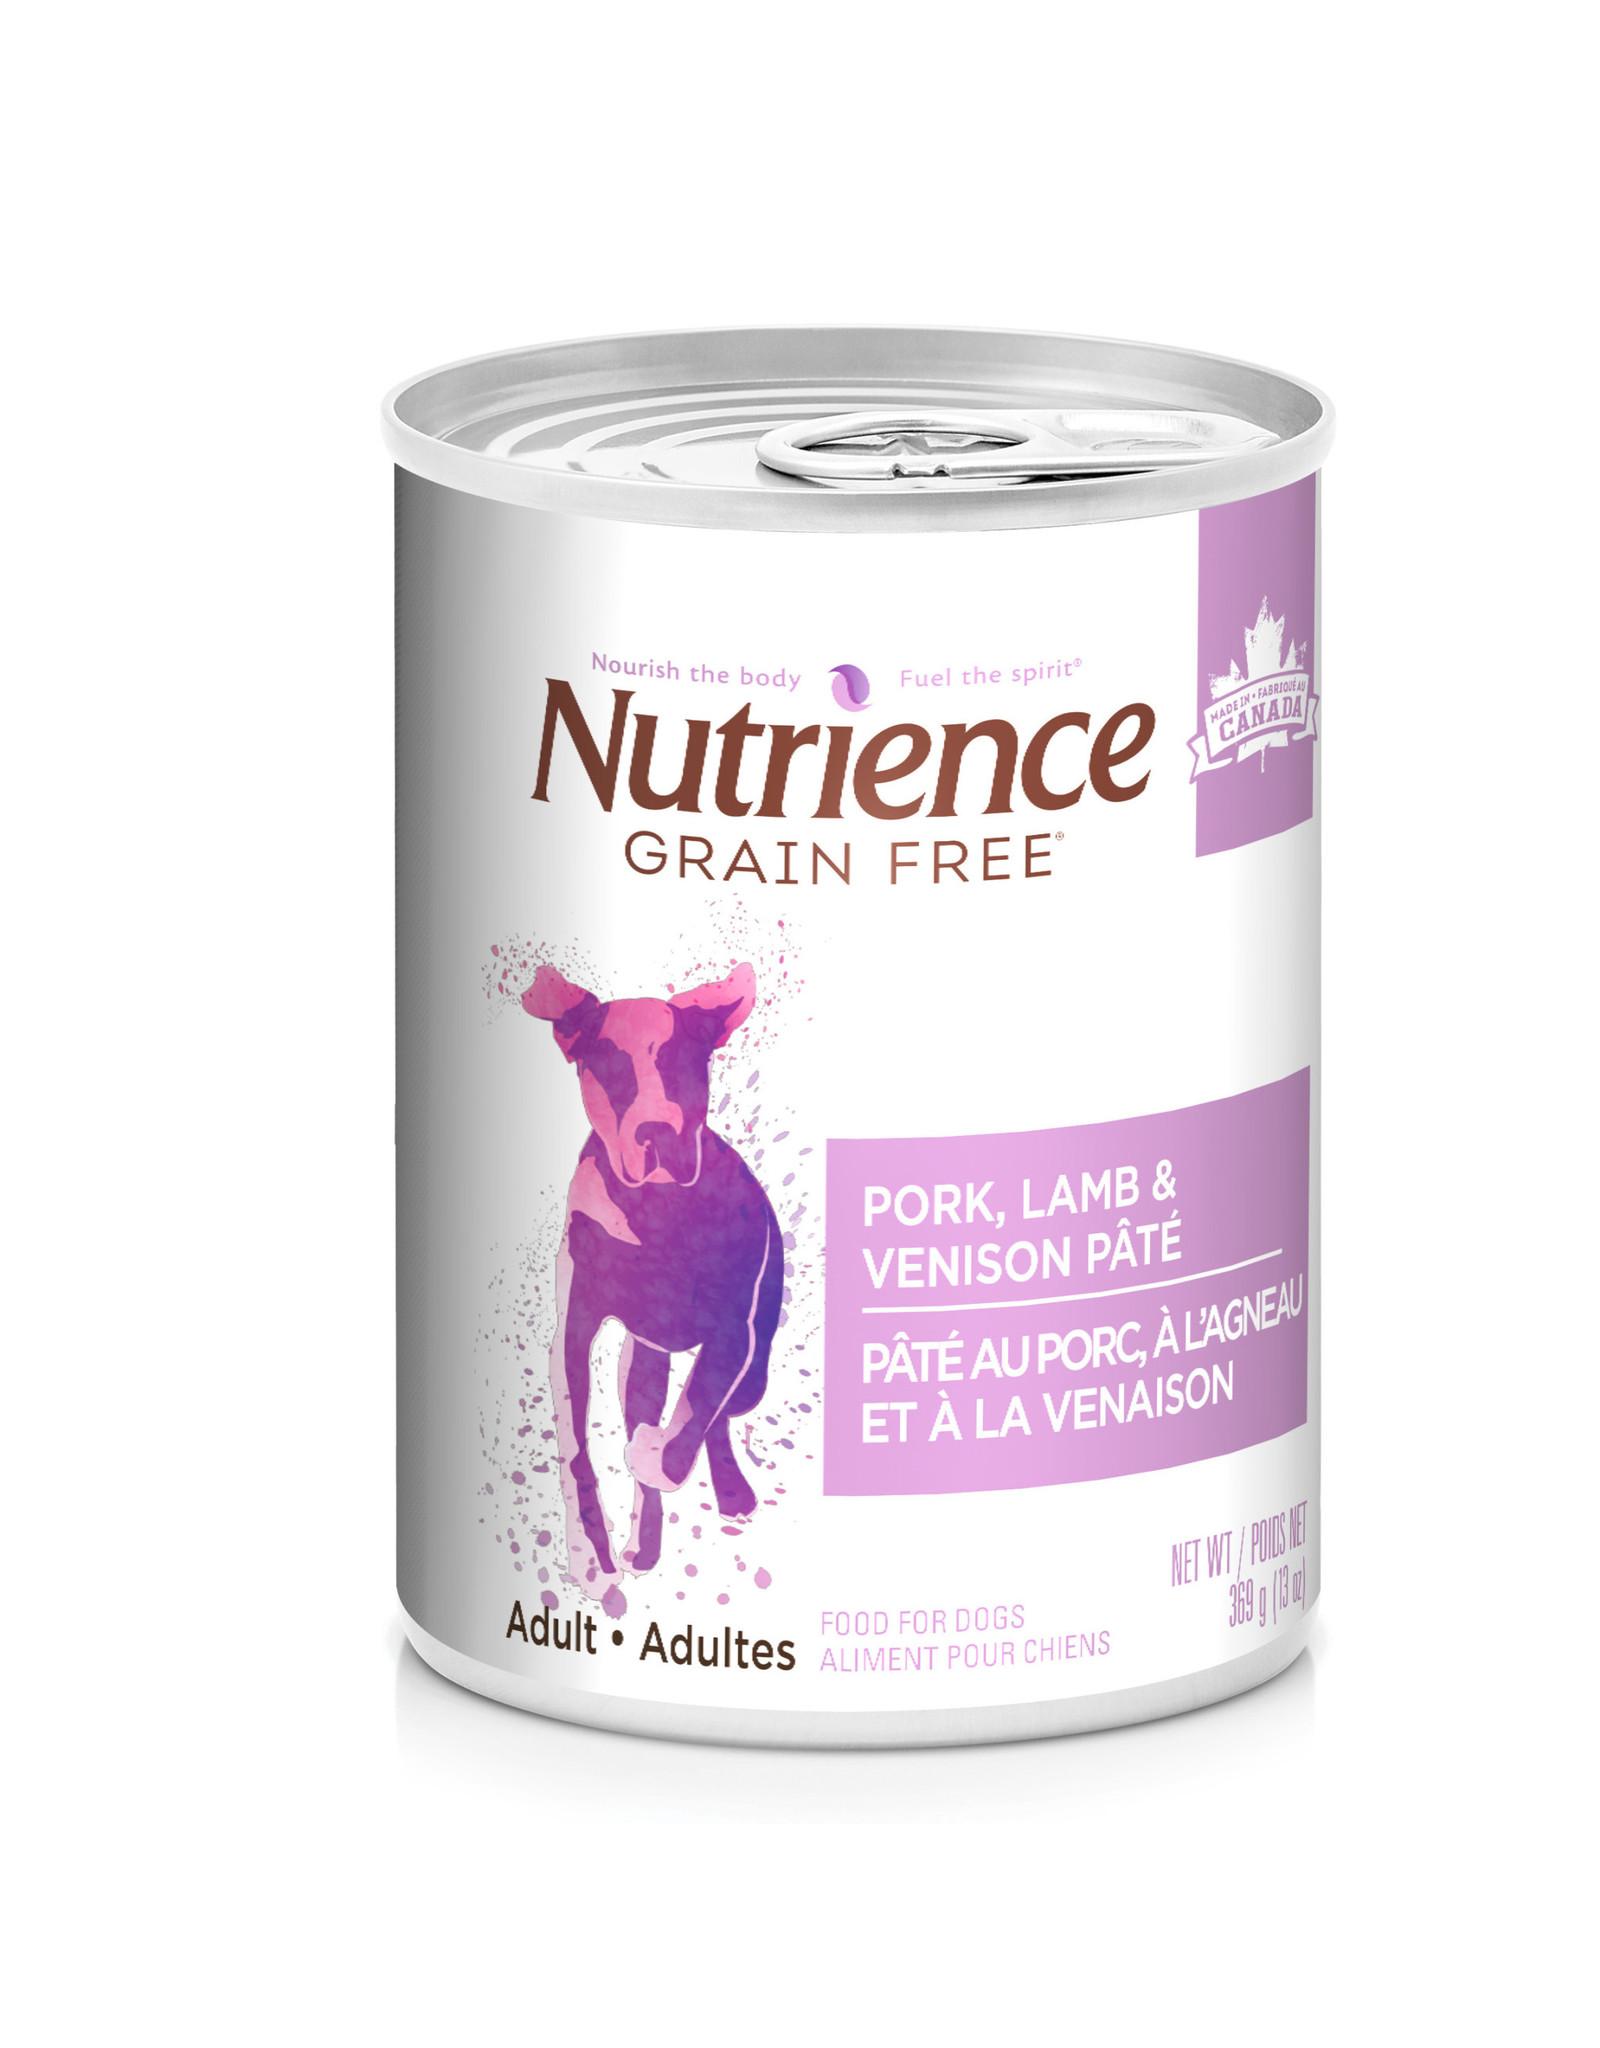 Nutrience Nutrience Grain Free Pork, Lamb & Venison Pate - 369g